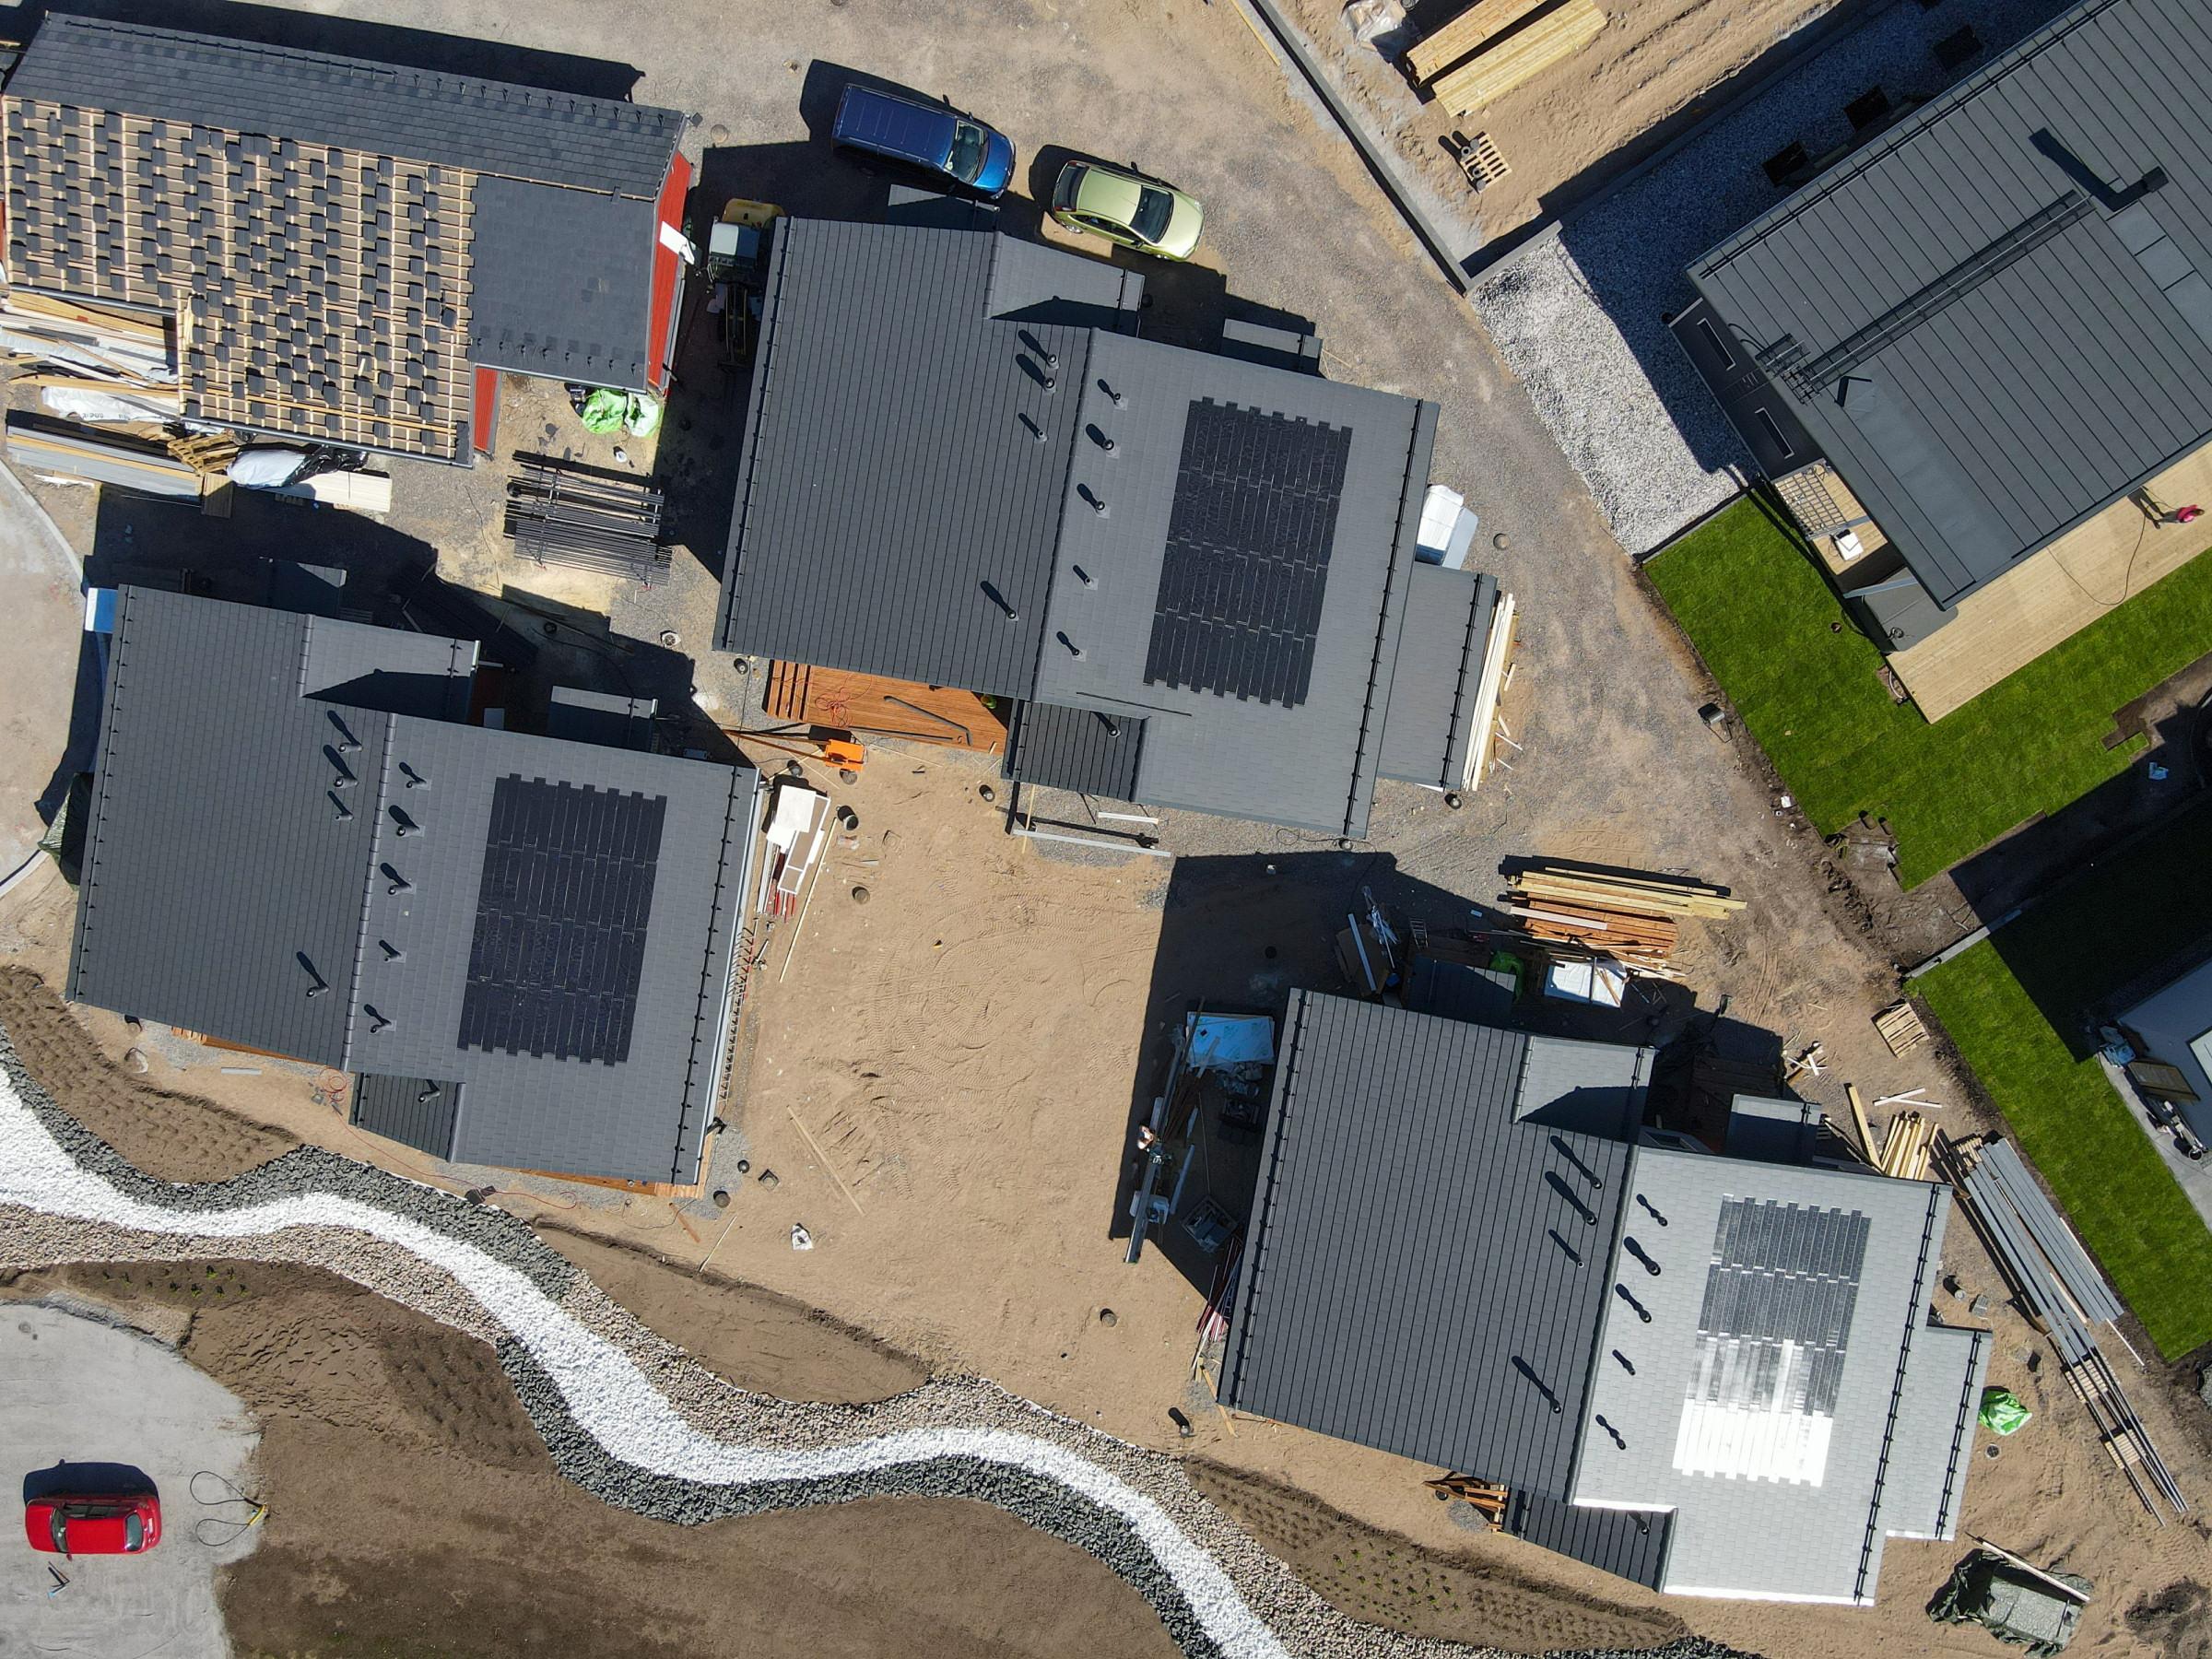 IMG - Ormax EVO Aurinkokatto - Ilmakuva suoraan ylhäältäpäin | Asuntomessut Lohja Aurinkokatto Hiidenkoti drone8.jpg - 2400px / 1800px